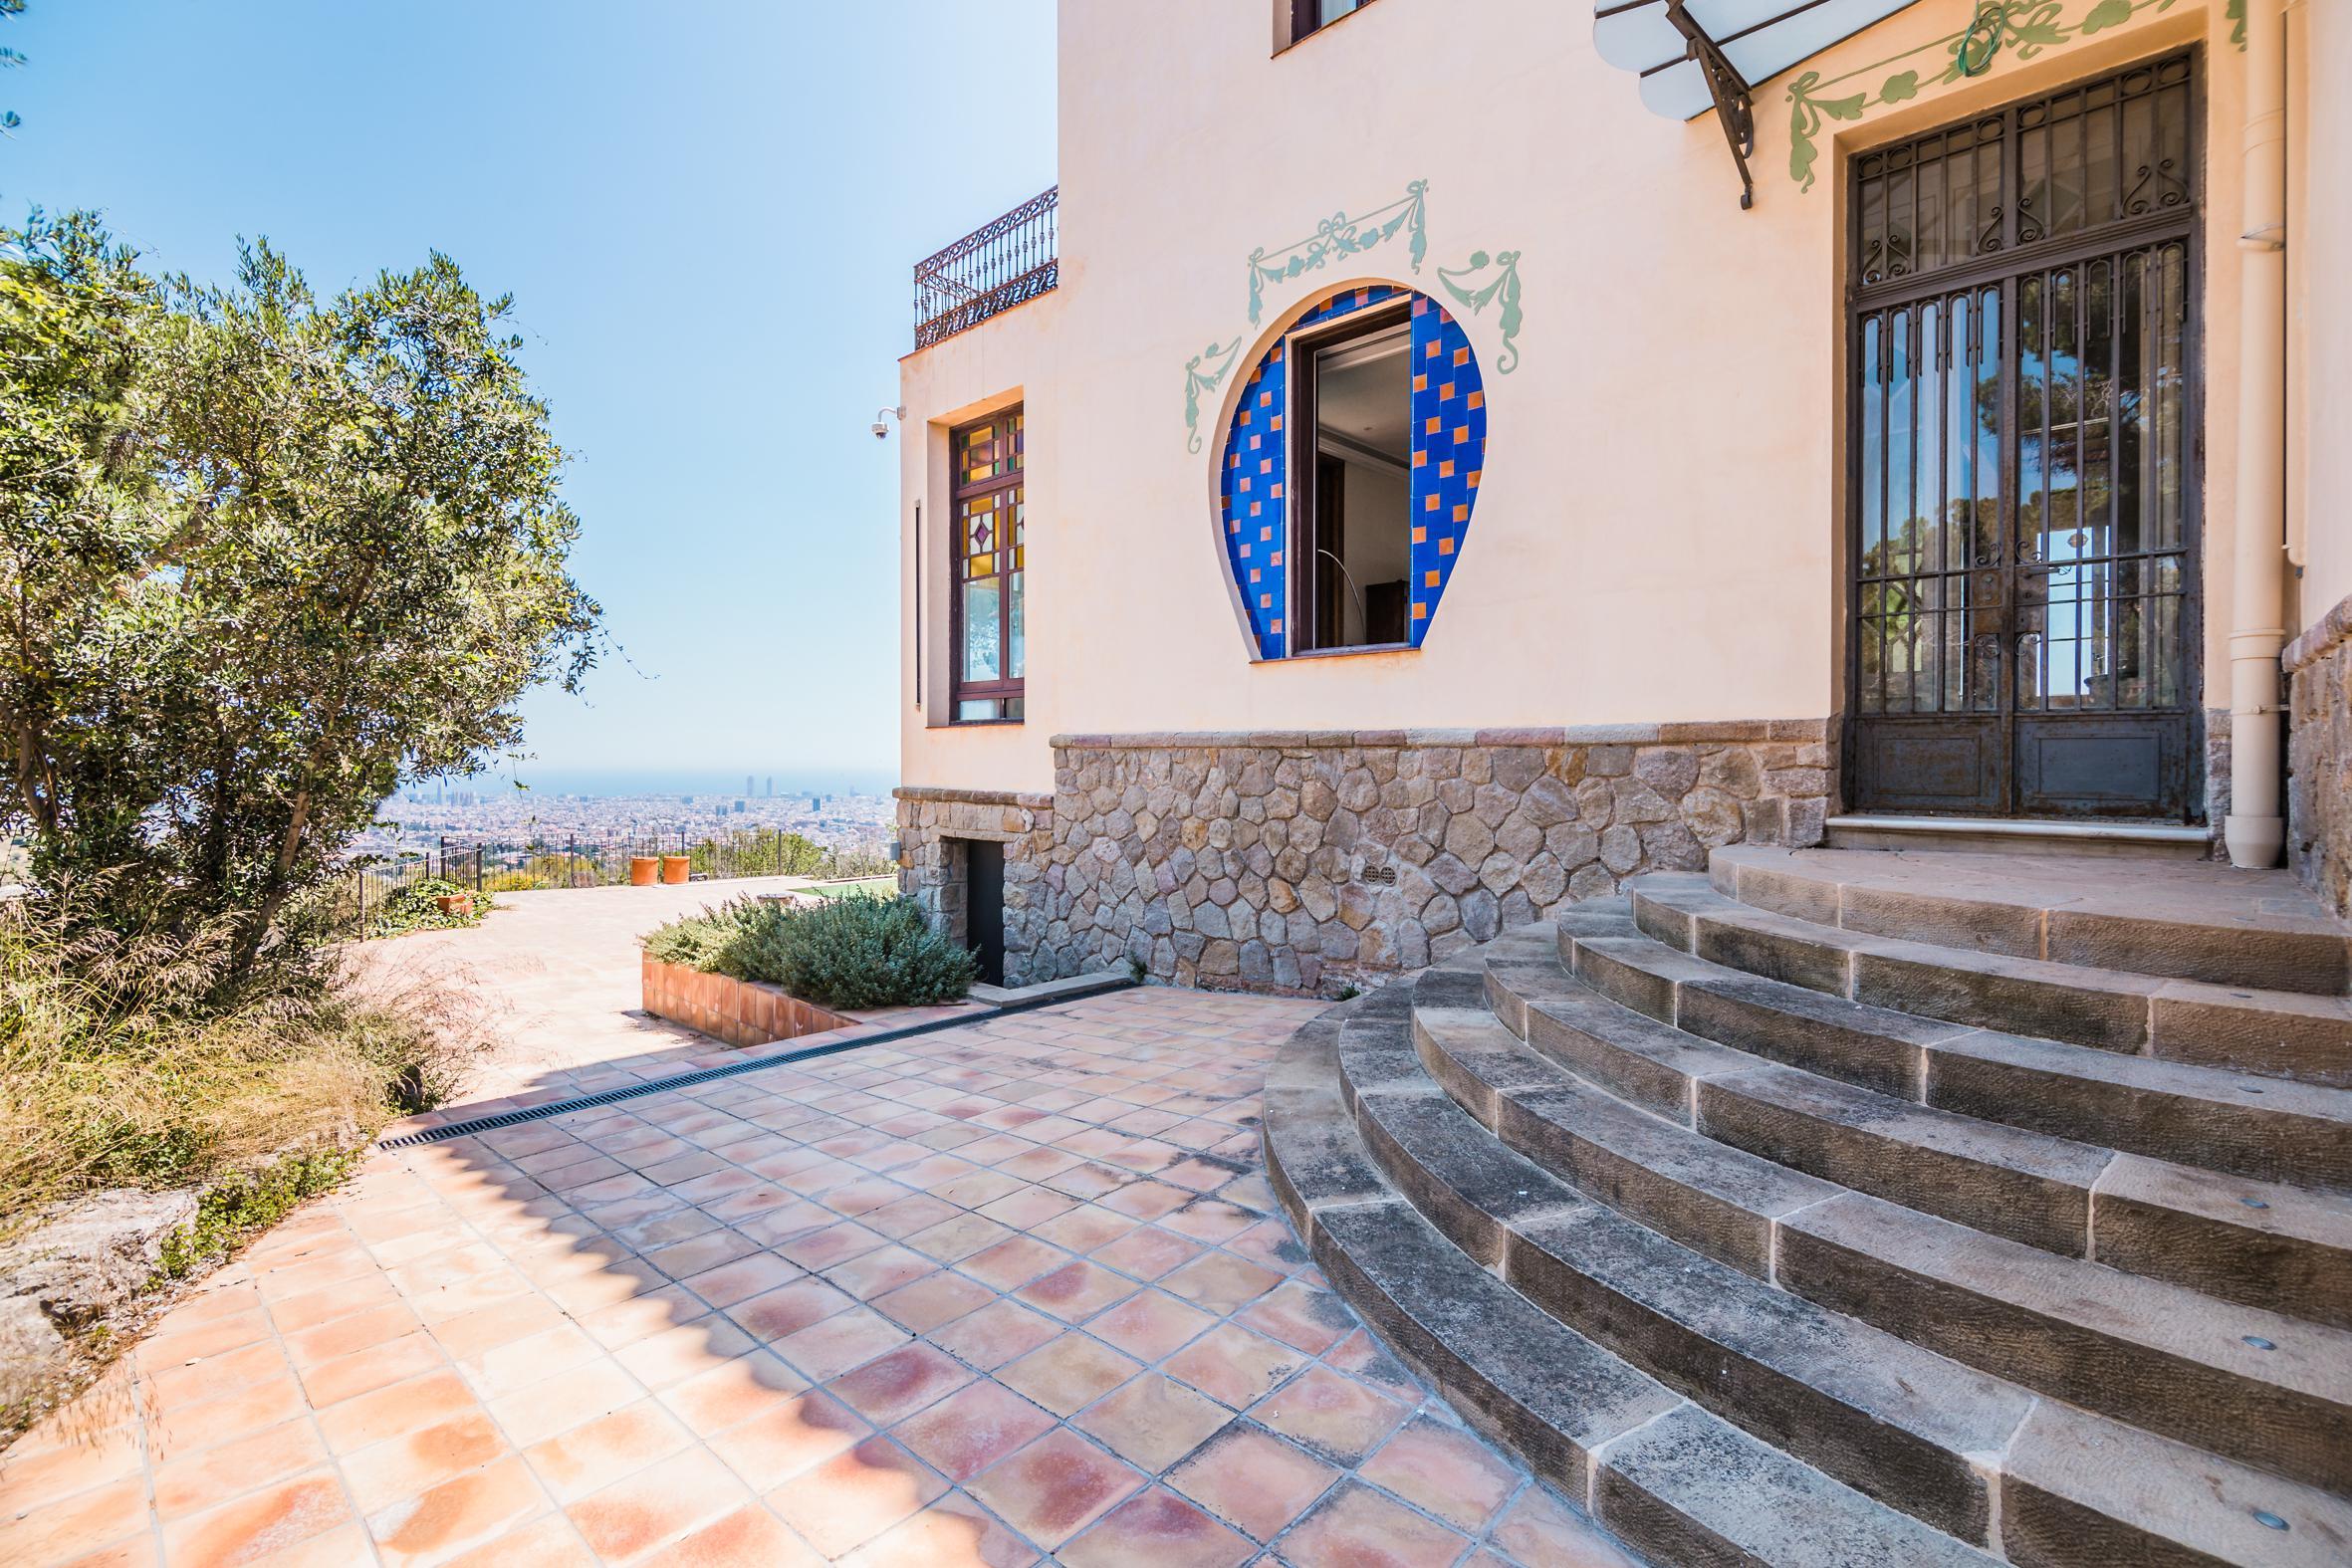 208148 Casa Aislada en venta en Sarrià-Sant Gervasi, Sarrià 7